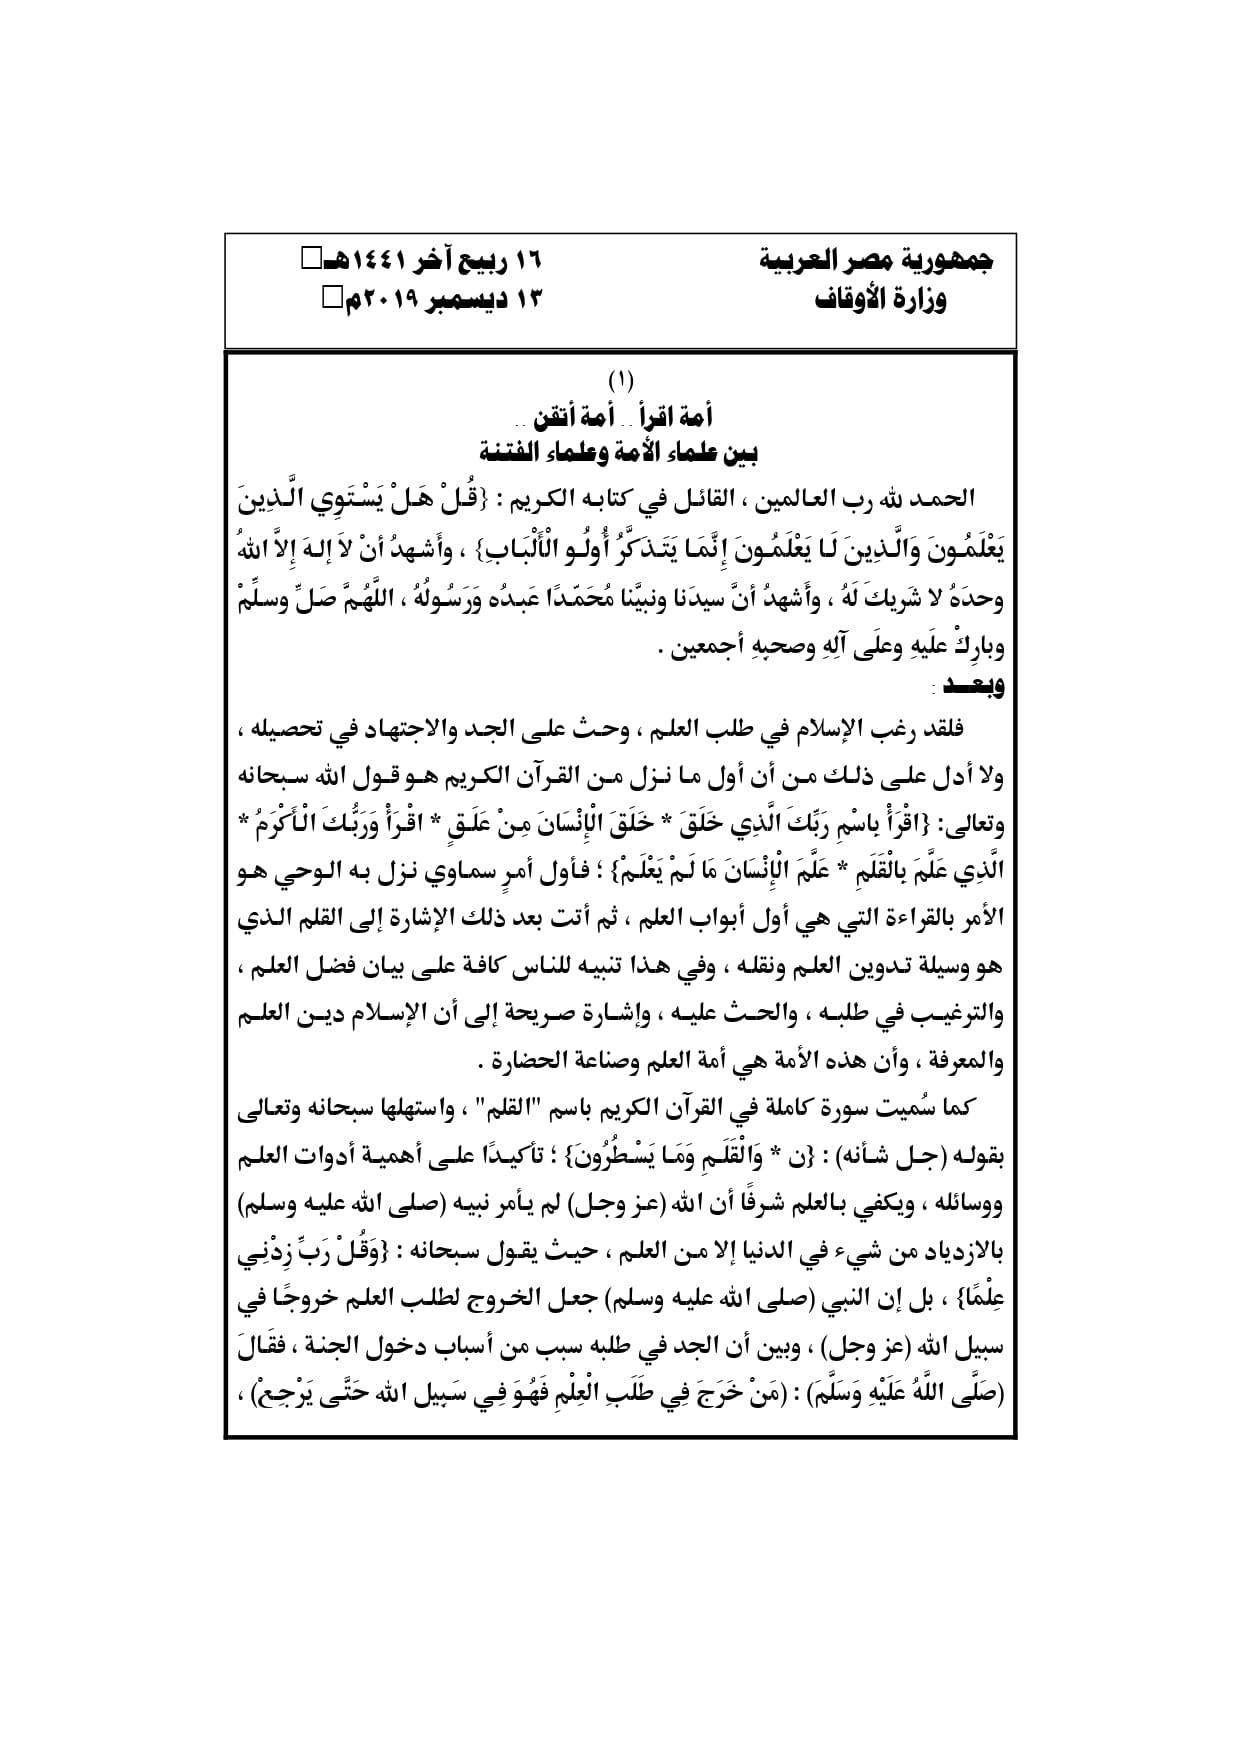 خطبة الجمعة القادمة pdf : أمة اقرأ أمة أتقن بين علماء الأمة وعلماء الفتنة، بتاريخ 16 من ربيع الآخر لسنة 1441 هـ ، الموافق 13 ديسمبر 2019 م.